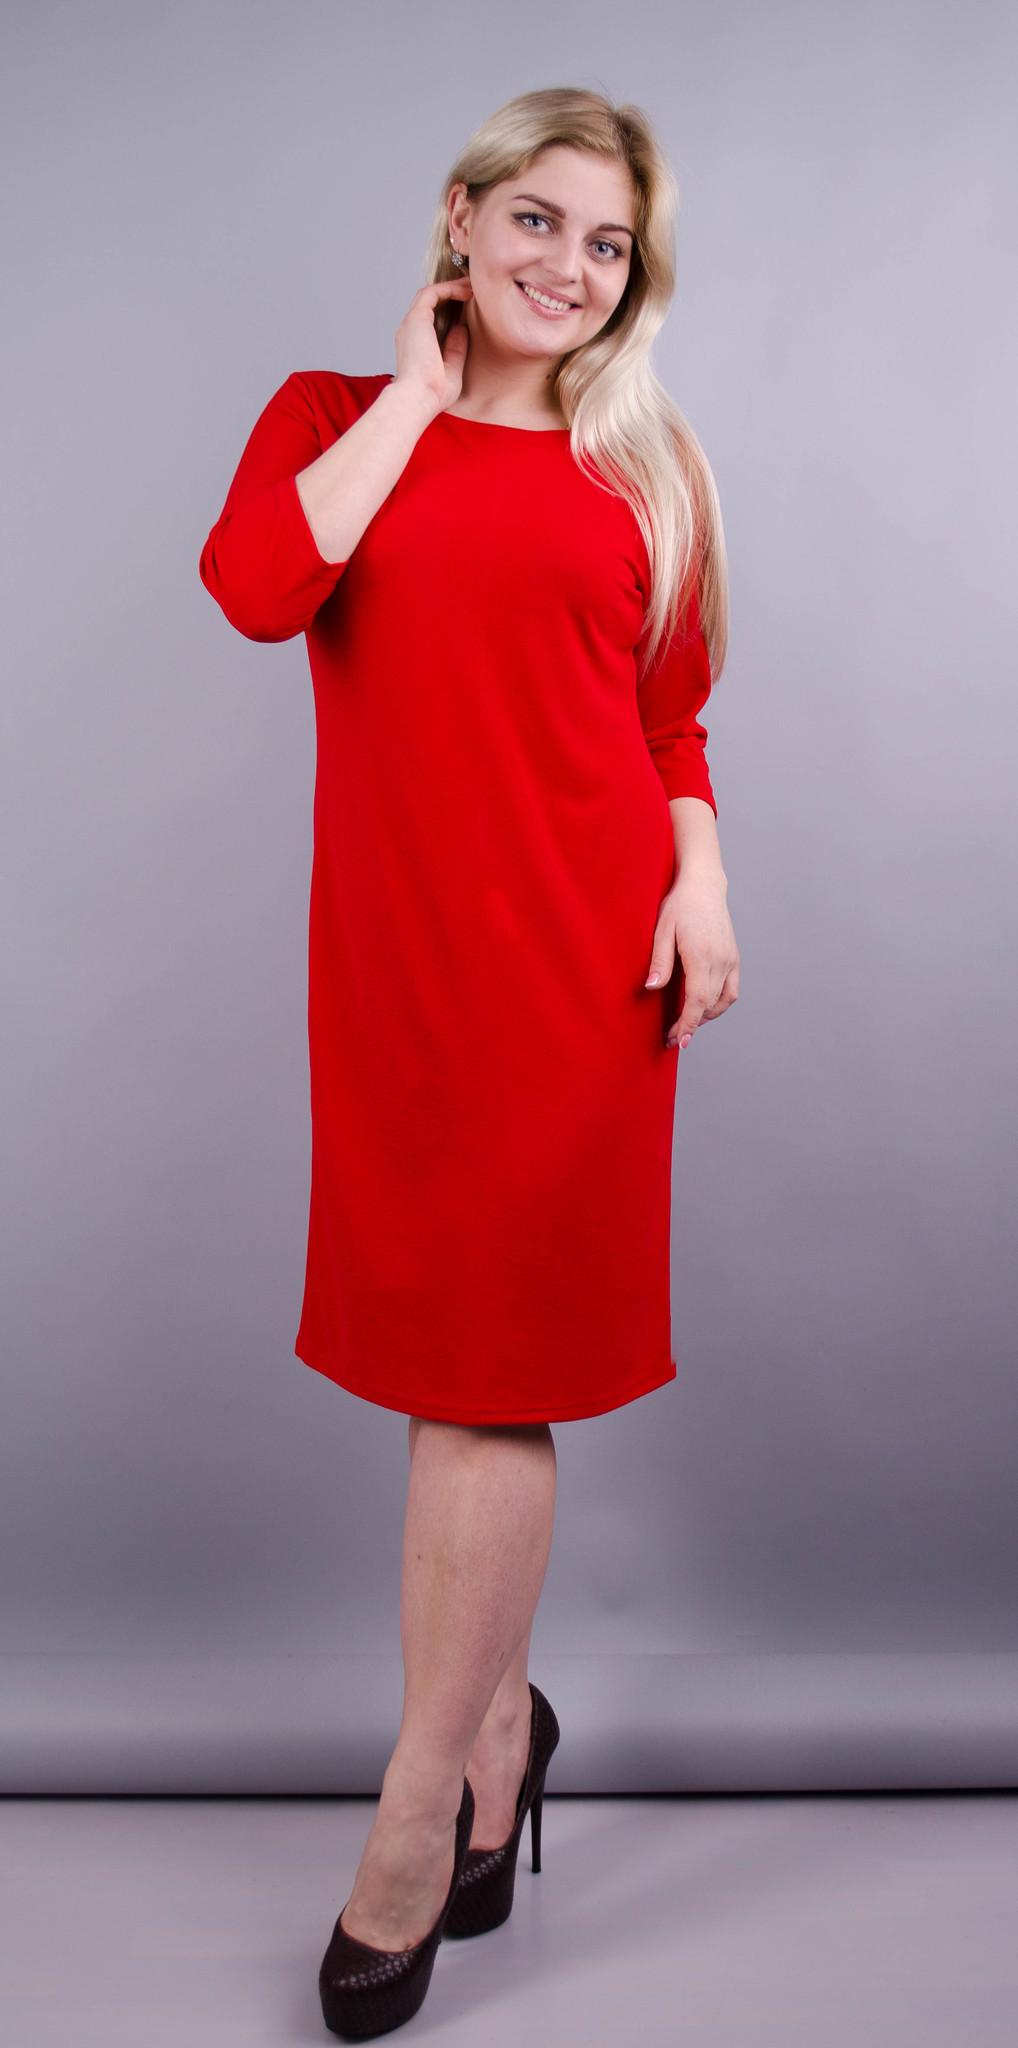 Арина. Платье больших размеров. Красный. 2e9ed5d0a8bf3